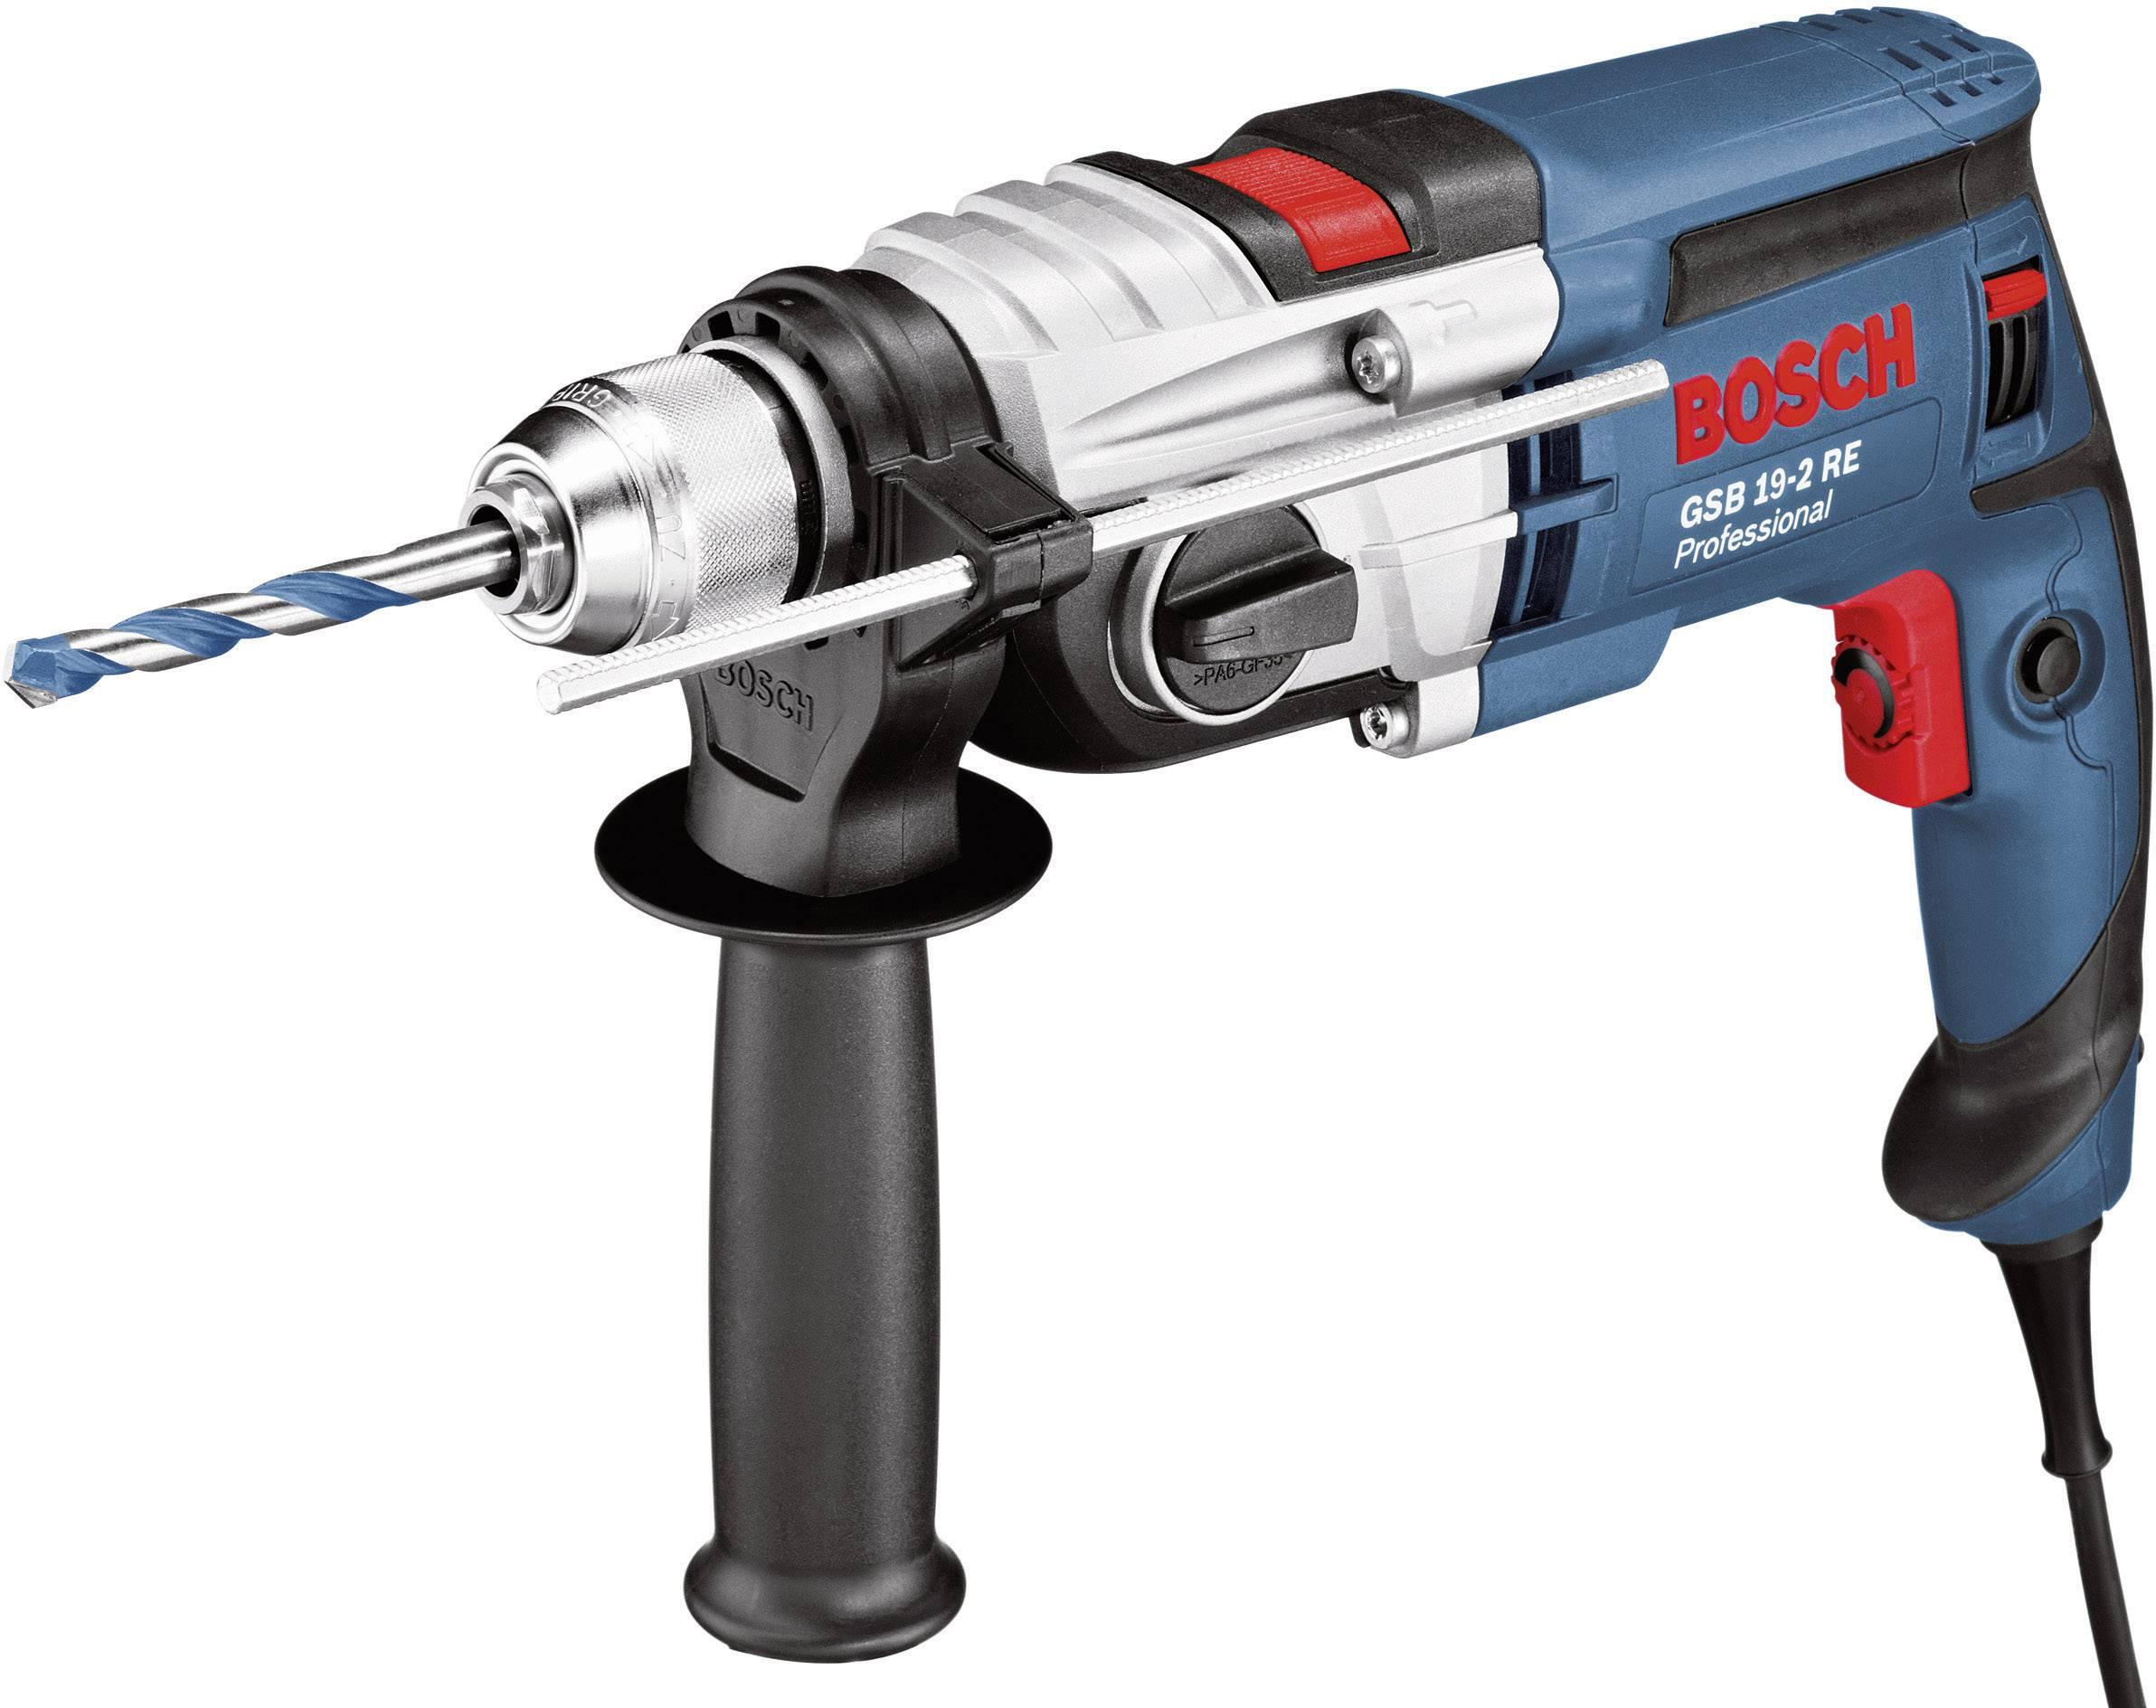 Bosch Professional GSB 19-2 RE 2cestný-příklepová vrtačka 850 W kufřík